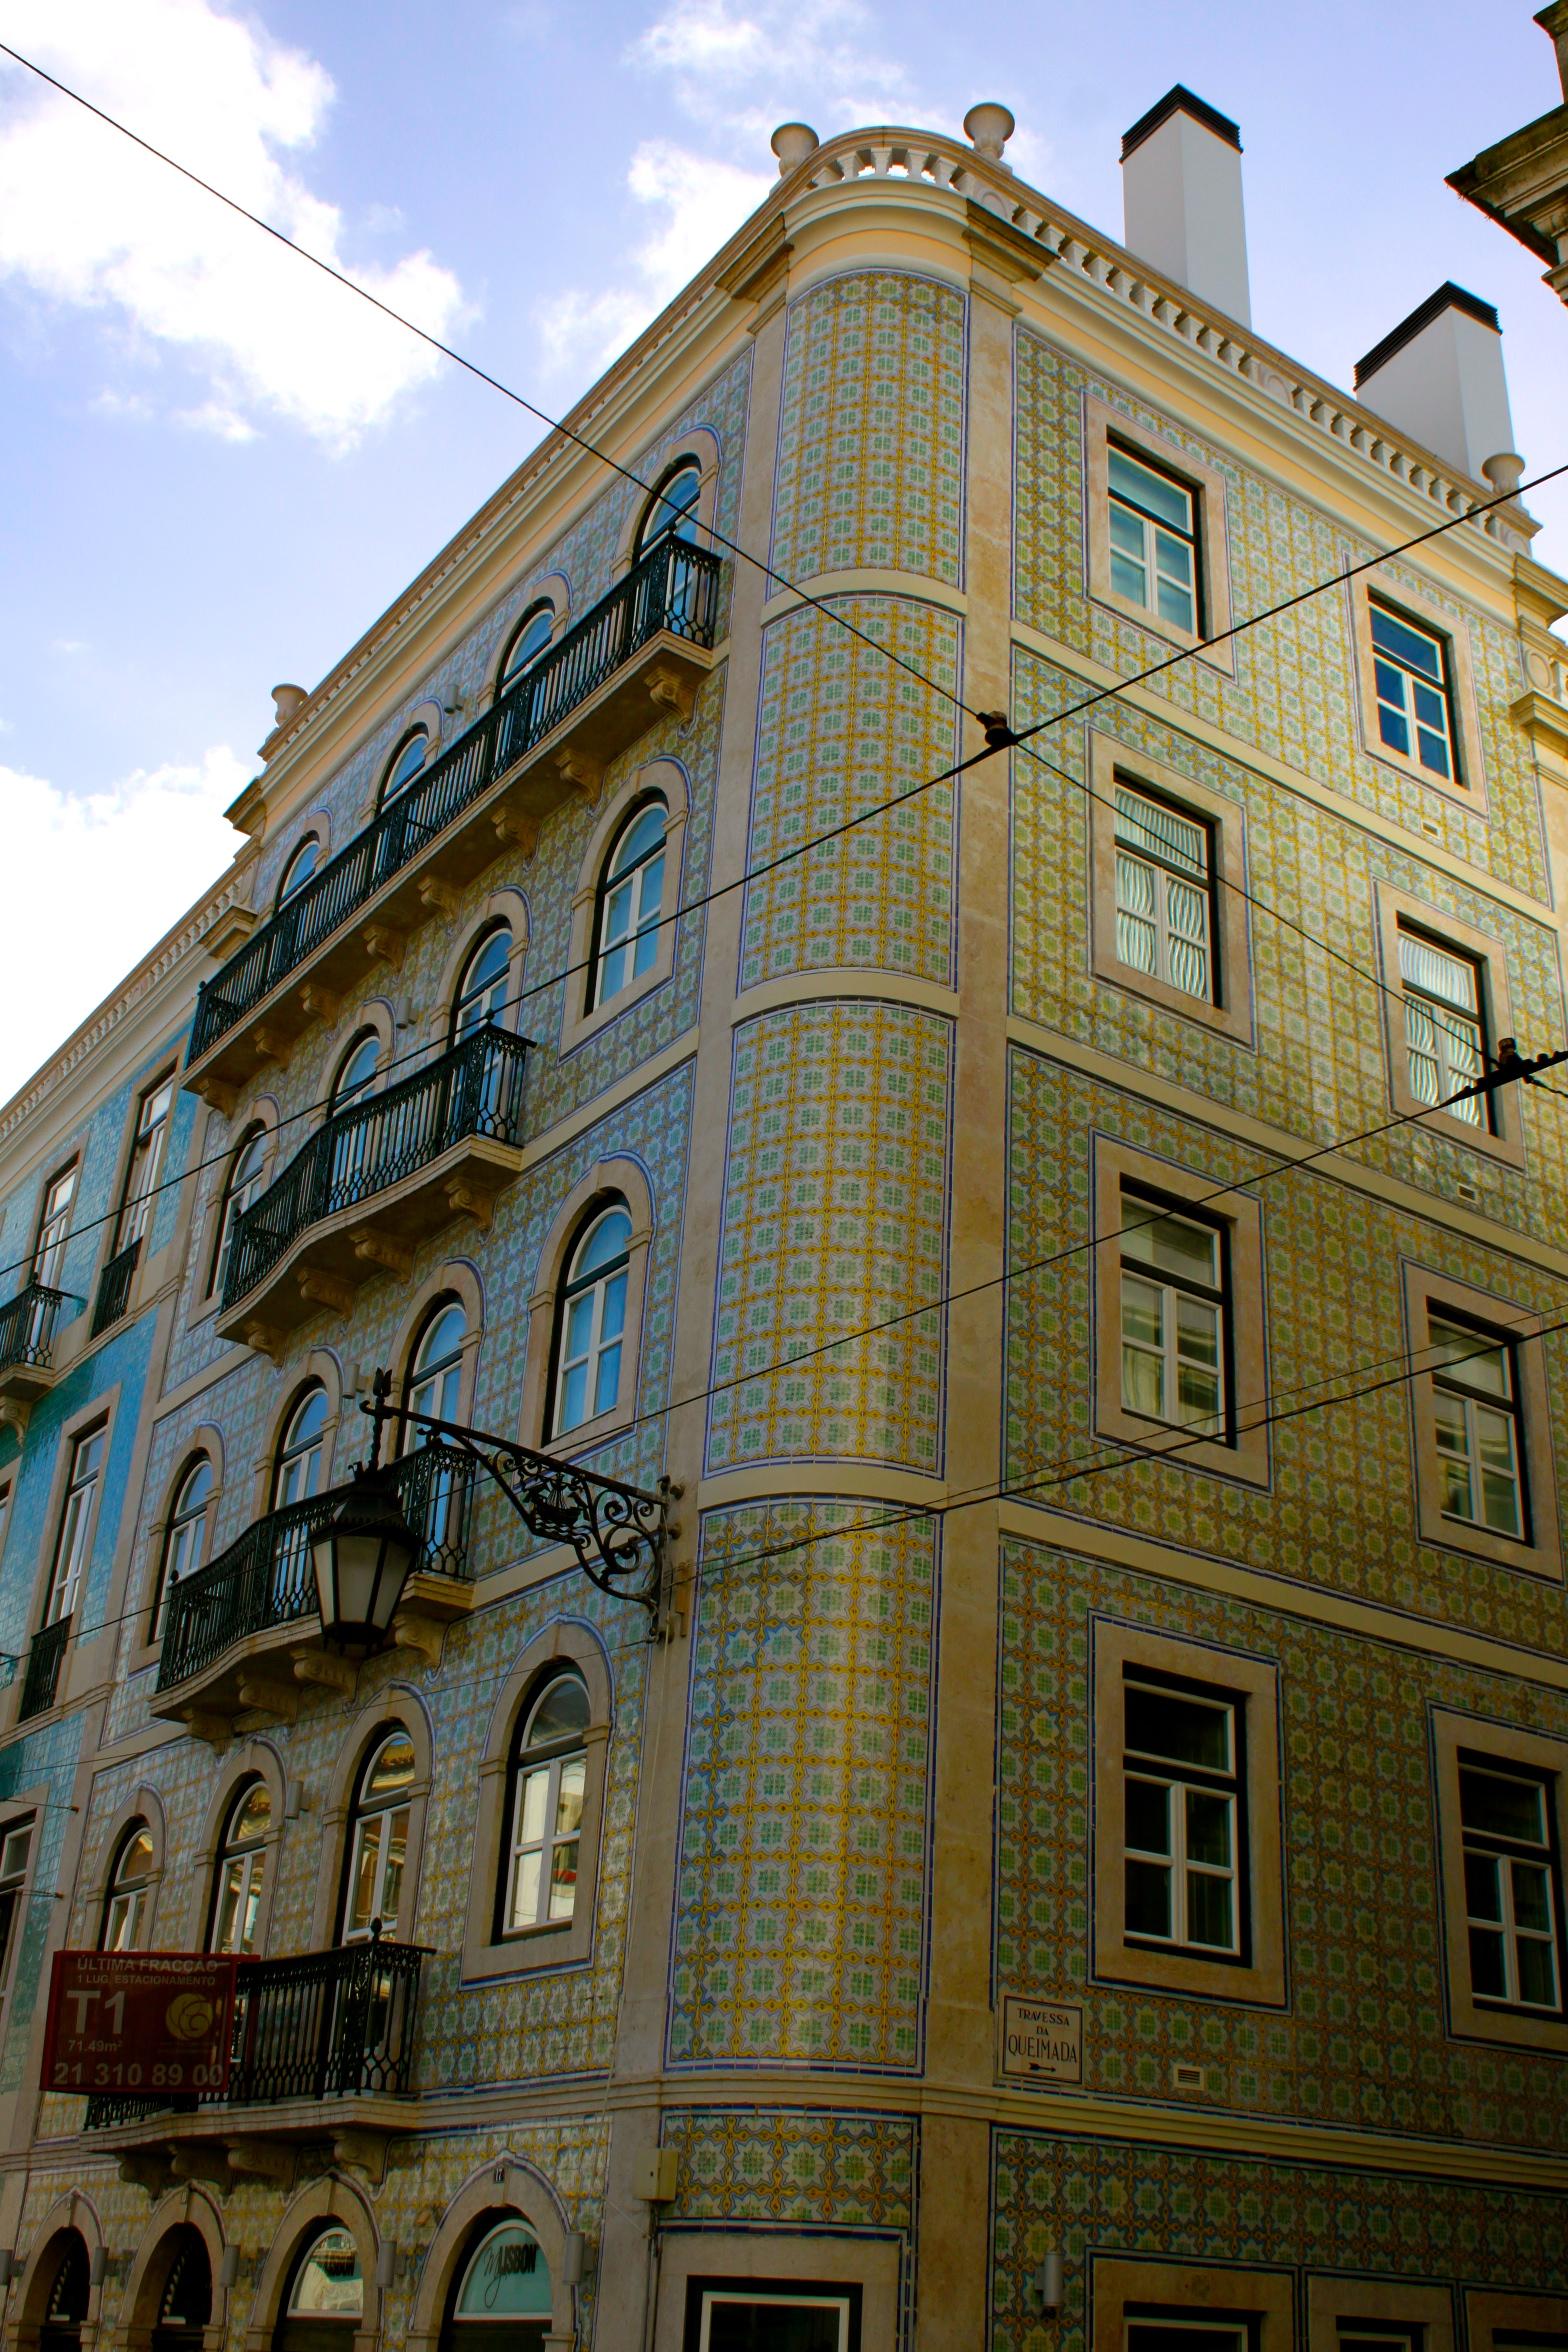 Tiled building Lisbon